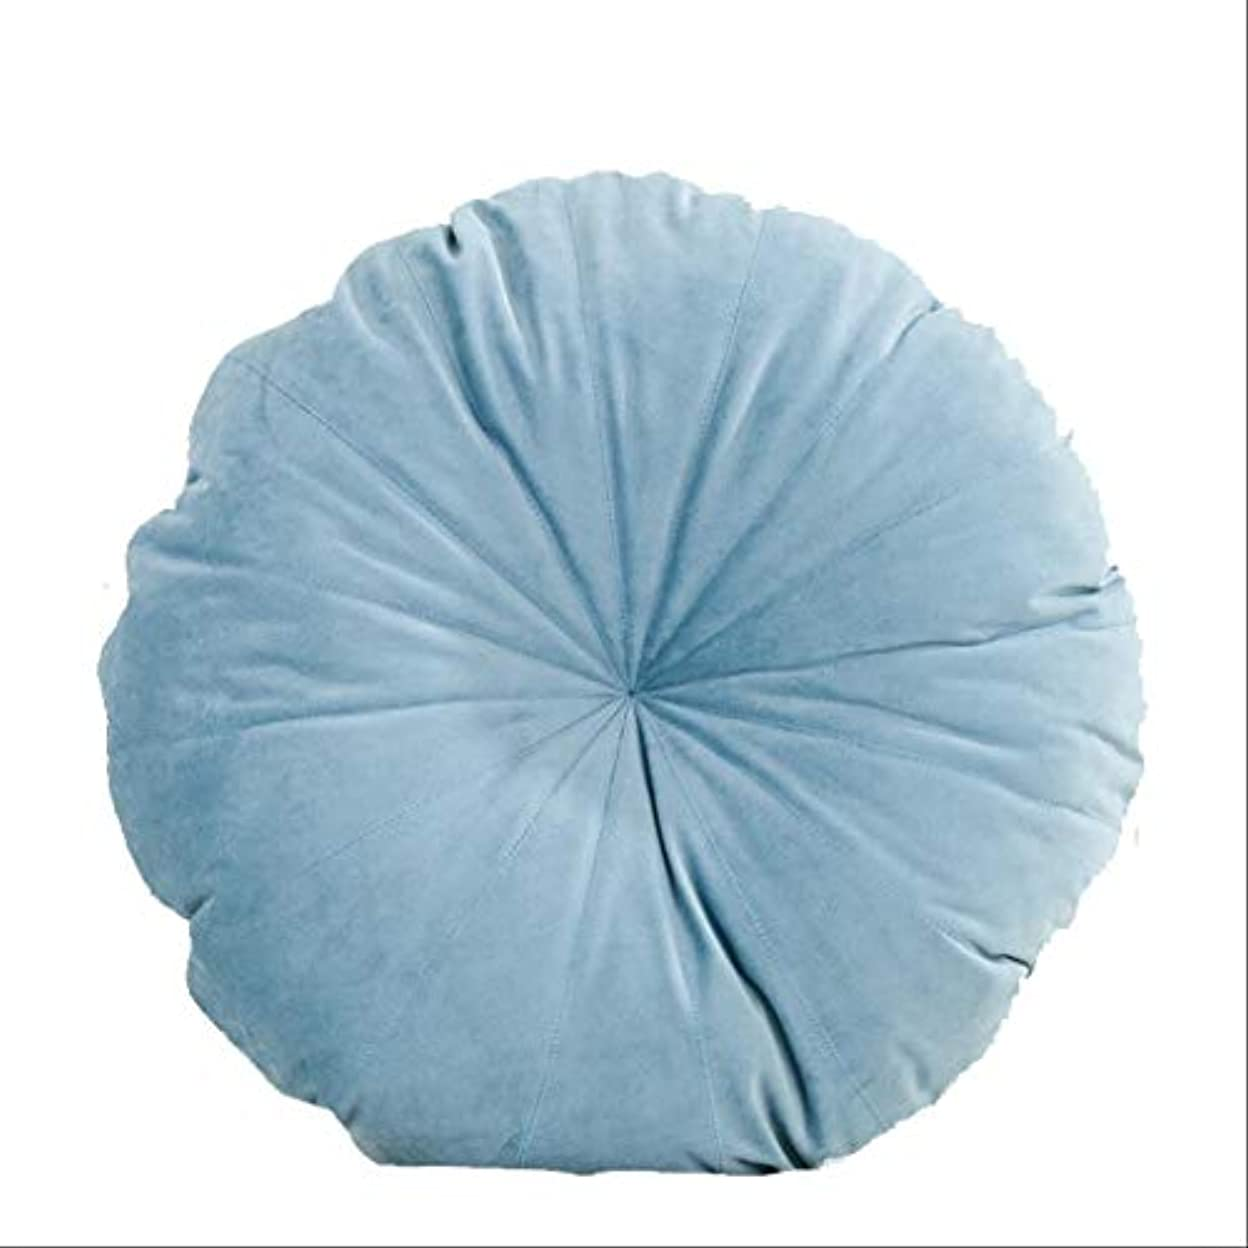 漏斗アジア人腸シンプルなラウンドクッション、ソファの背もたれのぬいぐるみのベッドの複数の色(ハンドステッチ)の枕カー腰の枕45 * 45センチメートル BZHEN (Color : A)